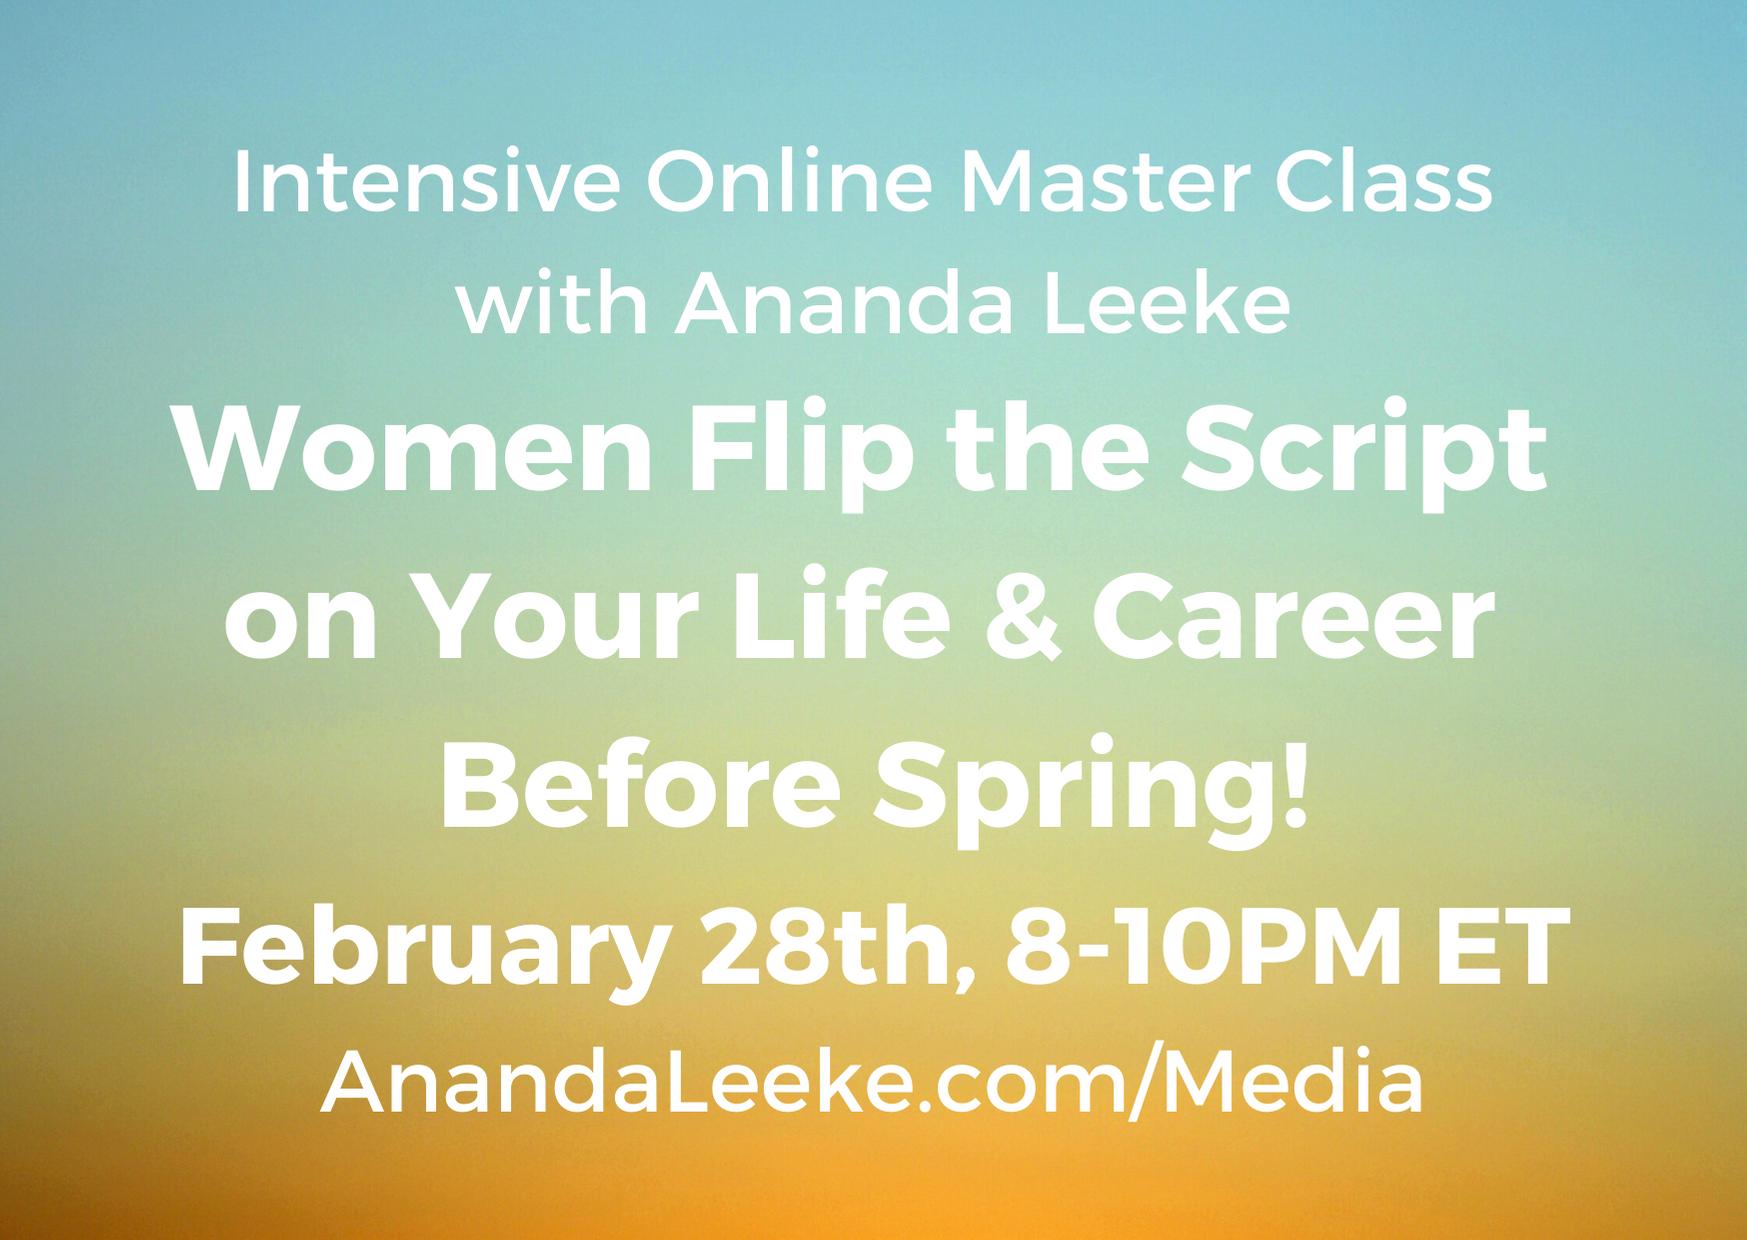 Intensive Online Master Class for Women